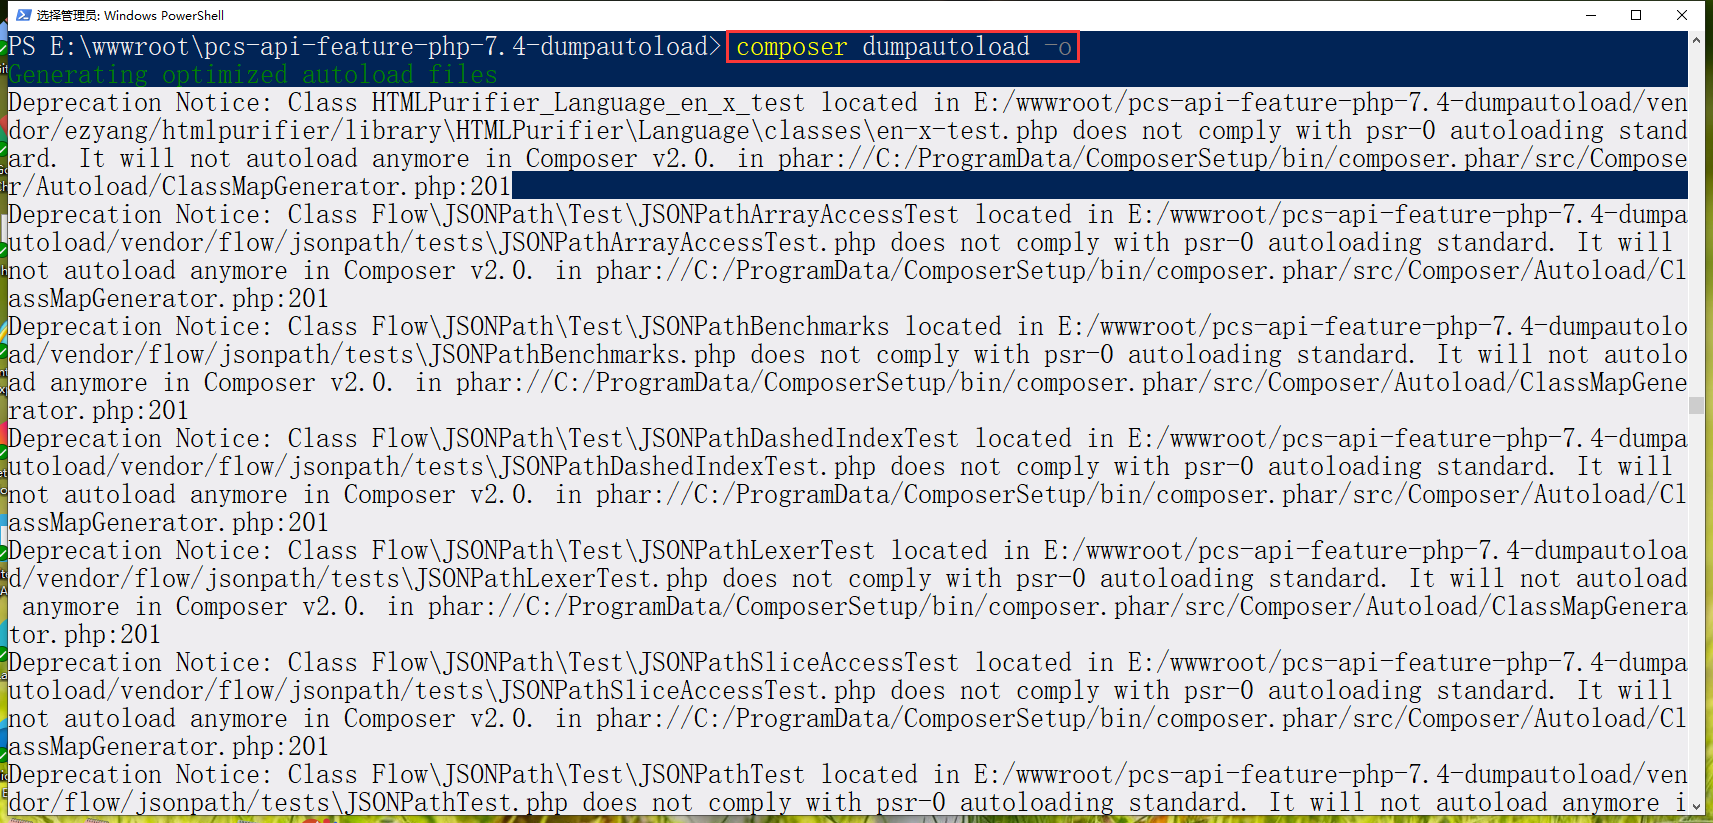 优化 Composer 自动加载,执行命令:composer dumpautoload -o,提示:Deprecation Notice:does not comply with psr-0 autoloading stan ard. It will not autoload anymore in Composer v2.0